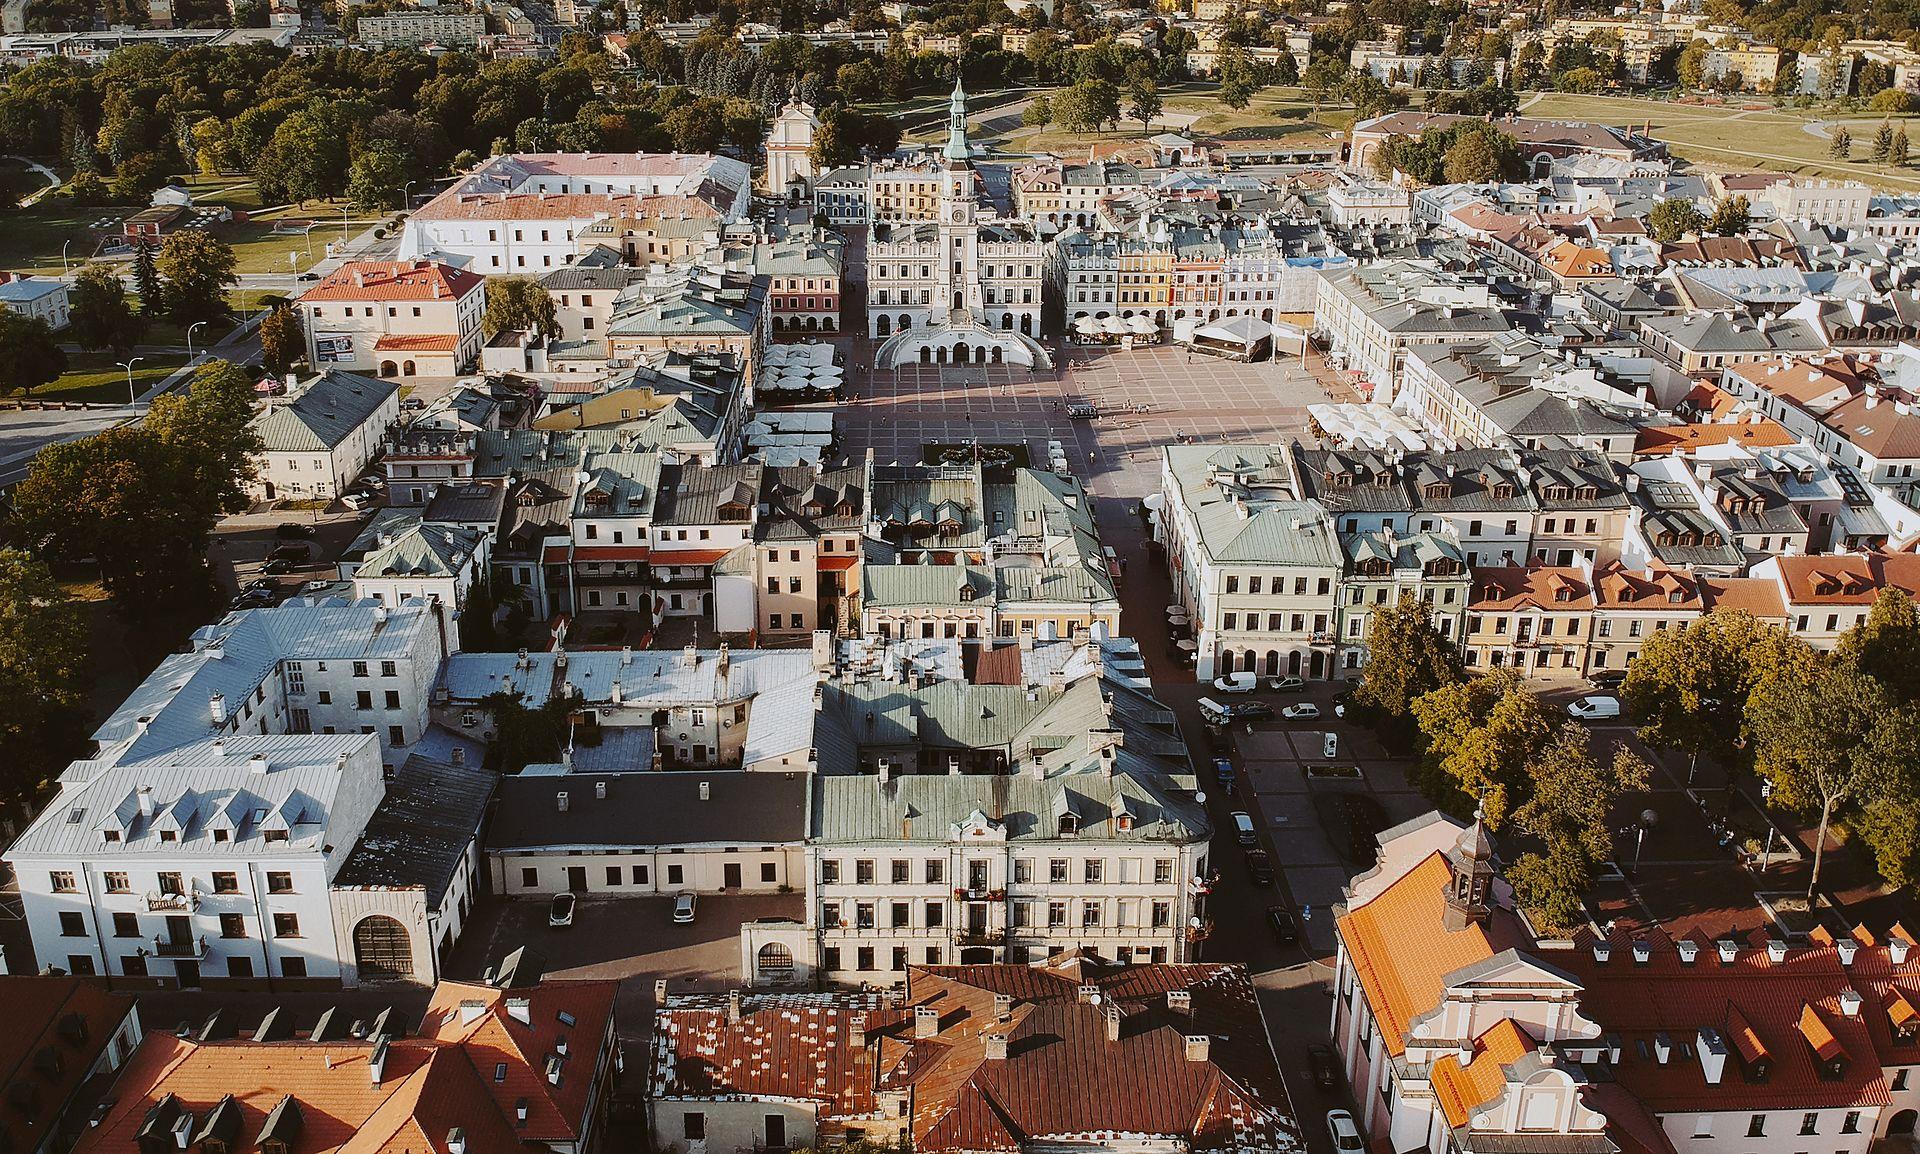 Widok Starego Miasta z wysokości 100 metrów